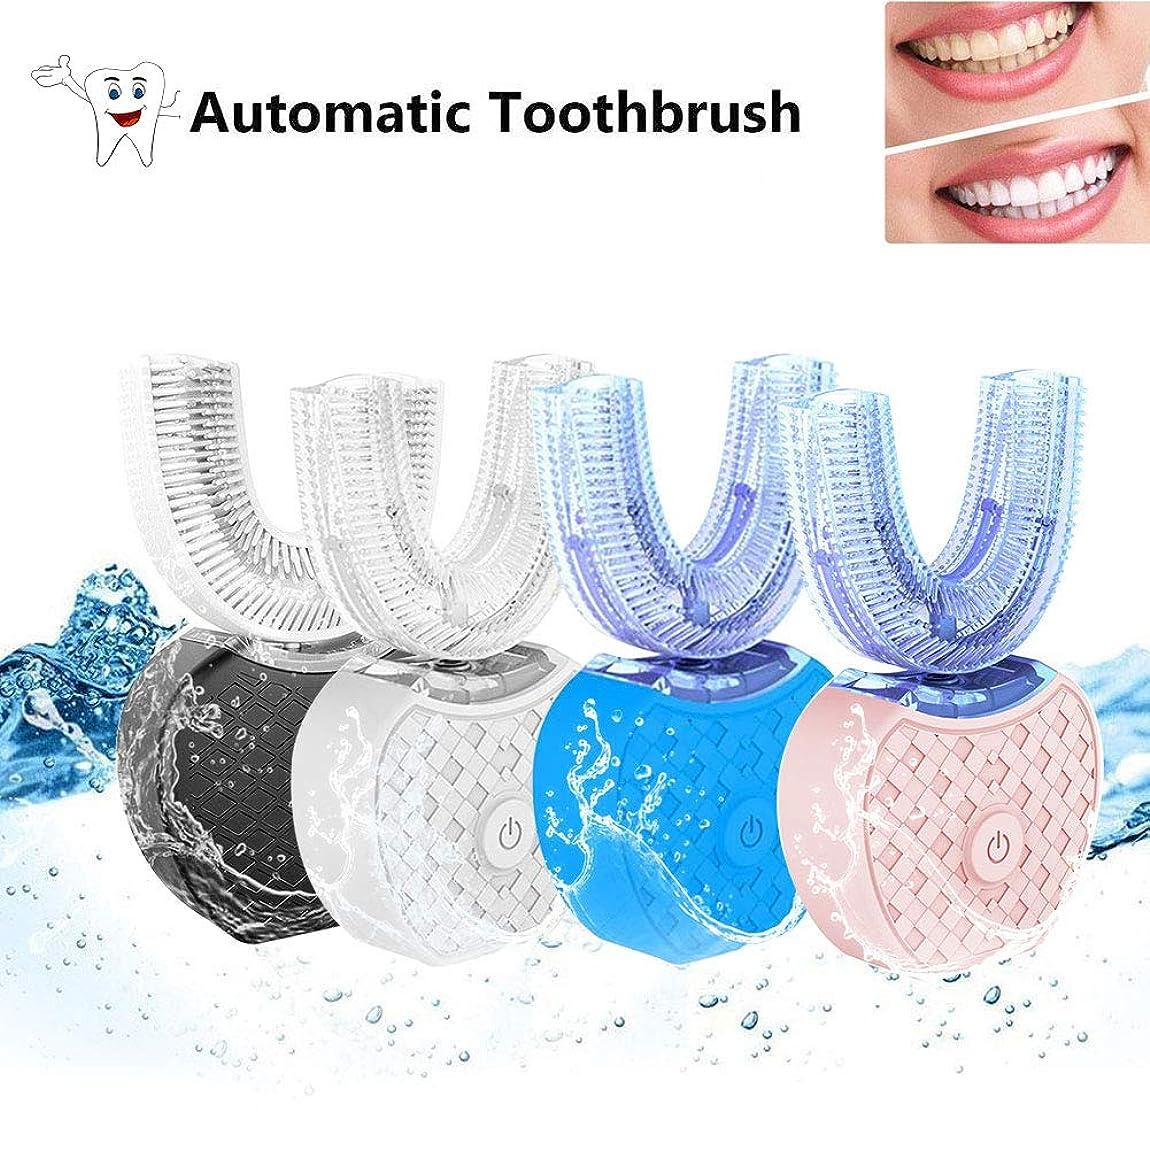 柔らかい明るいわずかにFrifer新しい電動歯ブラシ、V-white 超音波自動歯ブラシ360°包囲清掃歯、より深い清掃(ピンク)